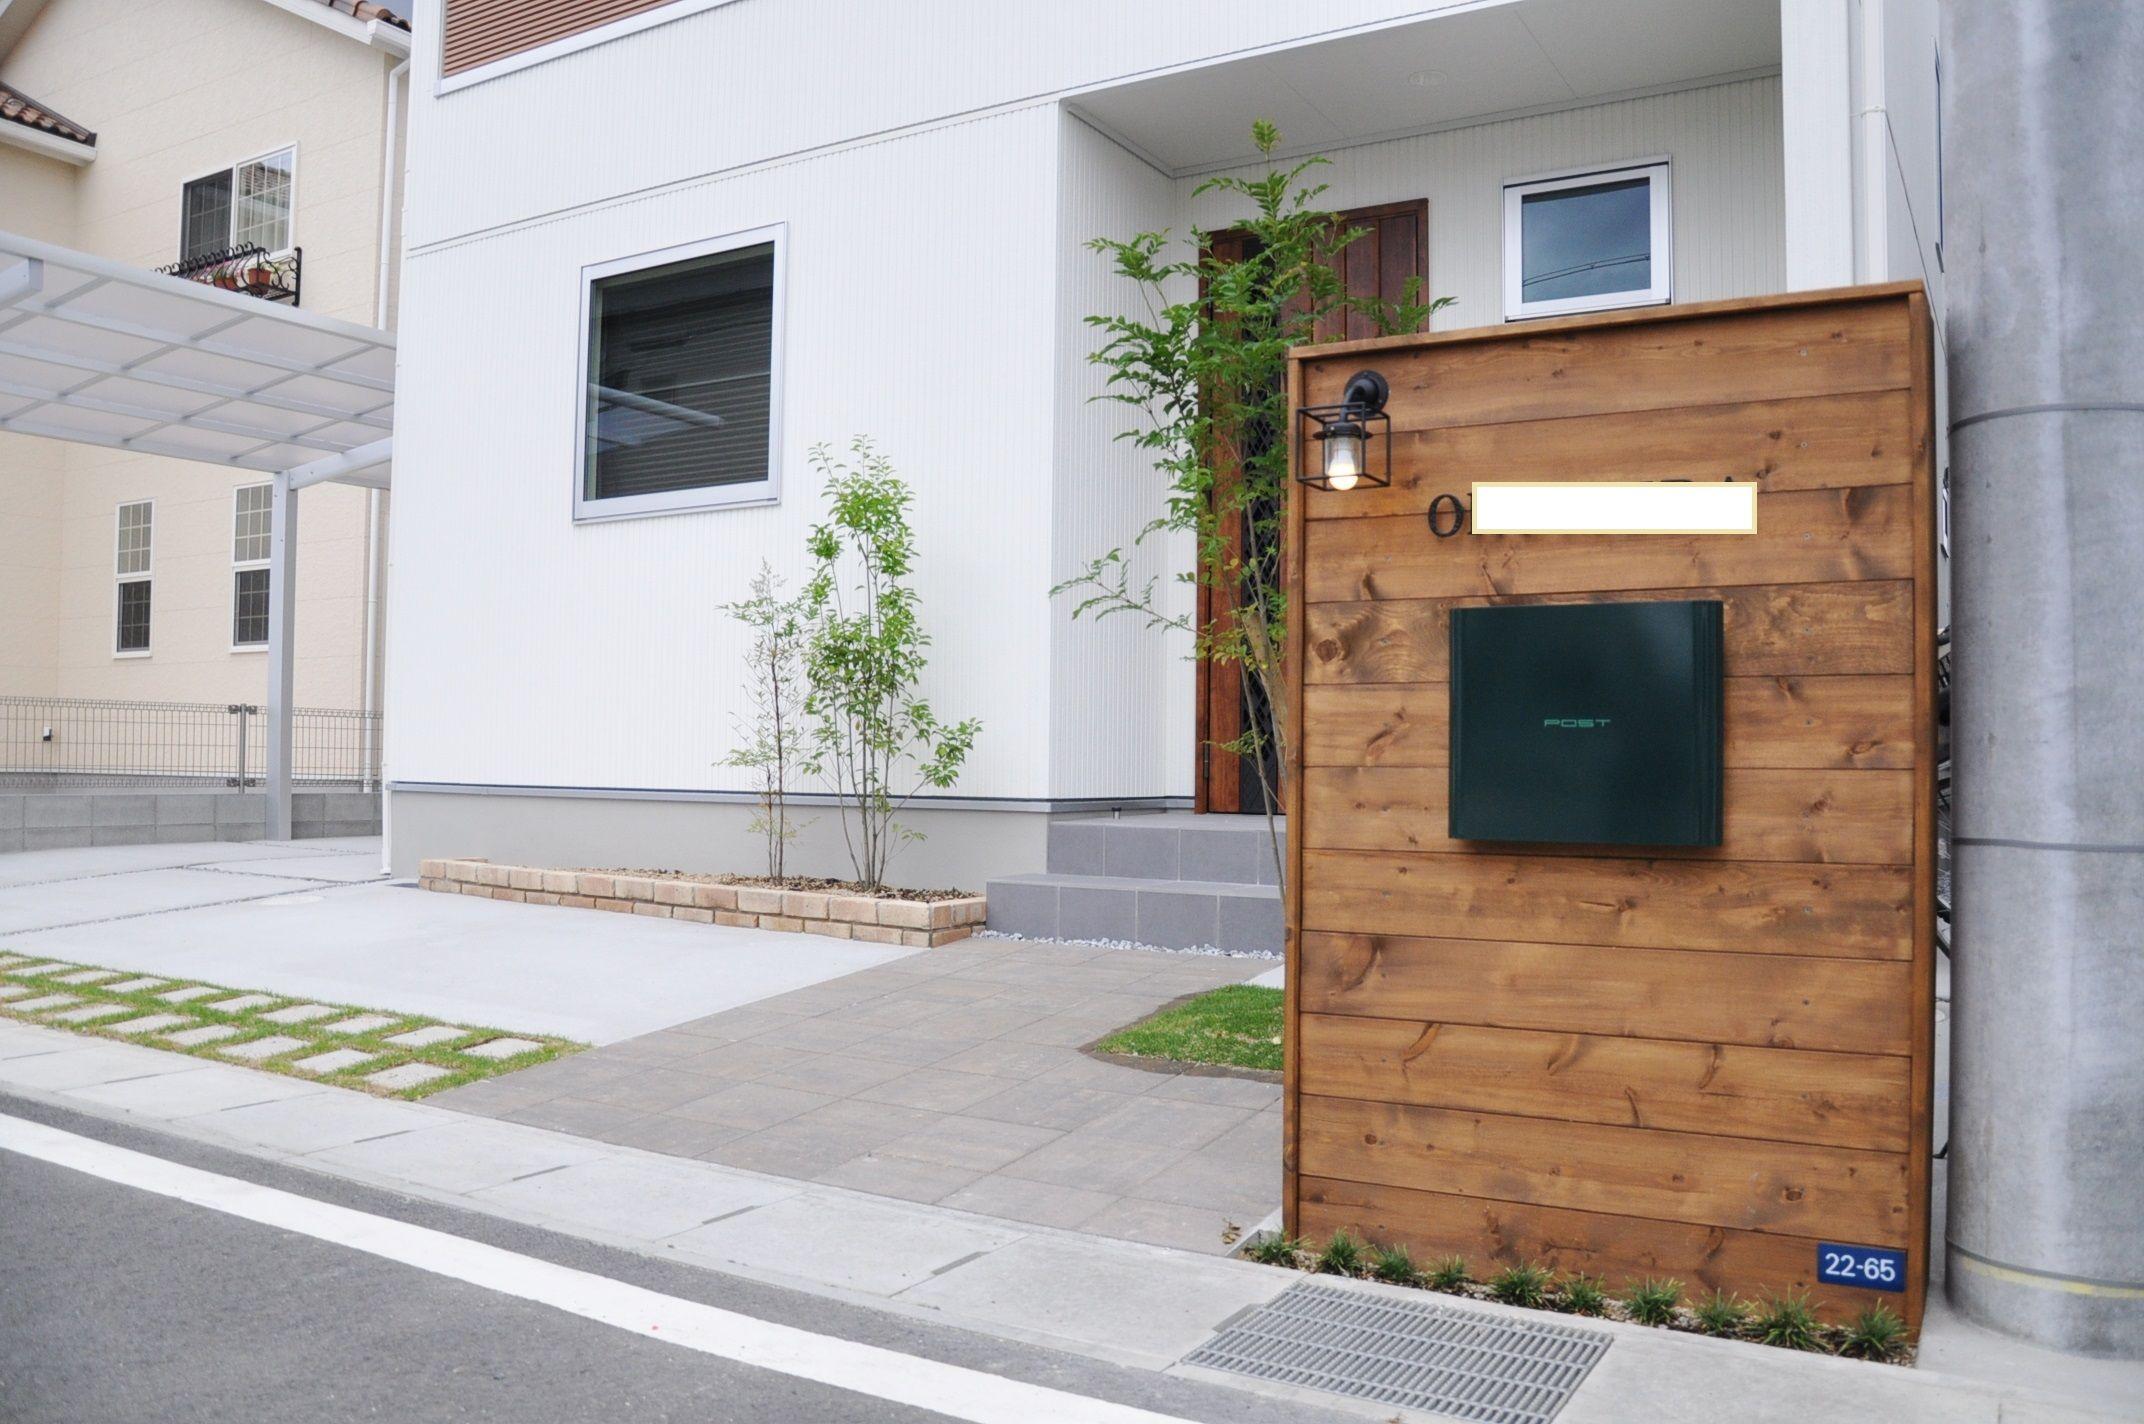 ポスト 木 Google 検索 玄関 エクステリア 住宅 外観 前庭